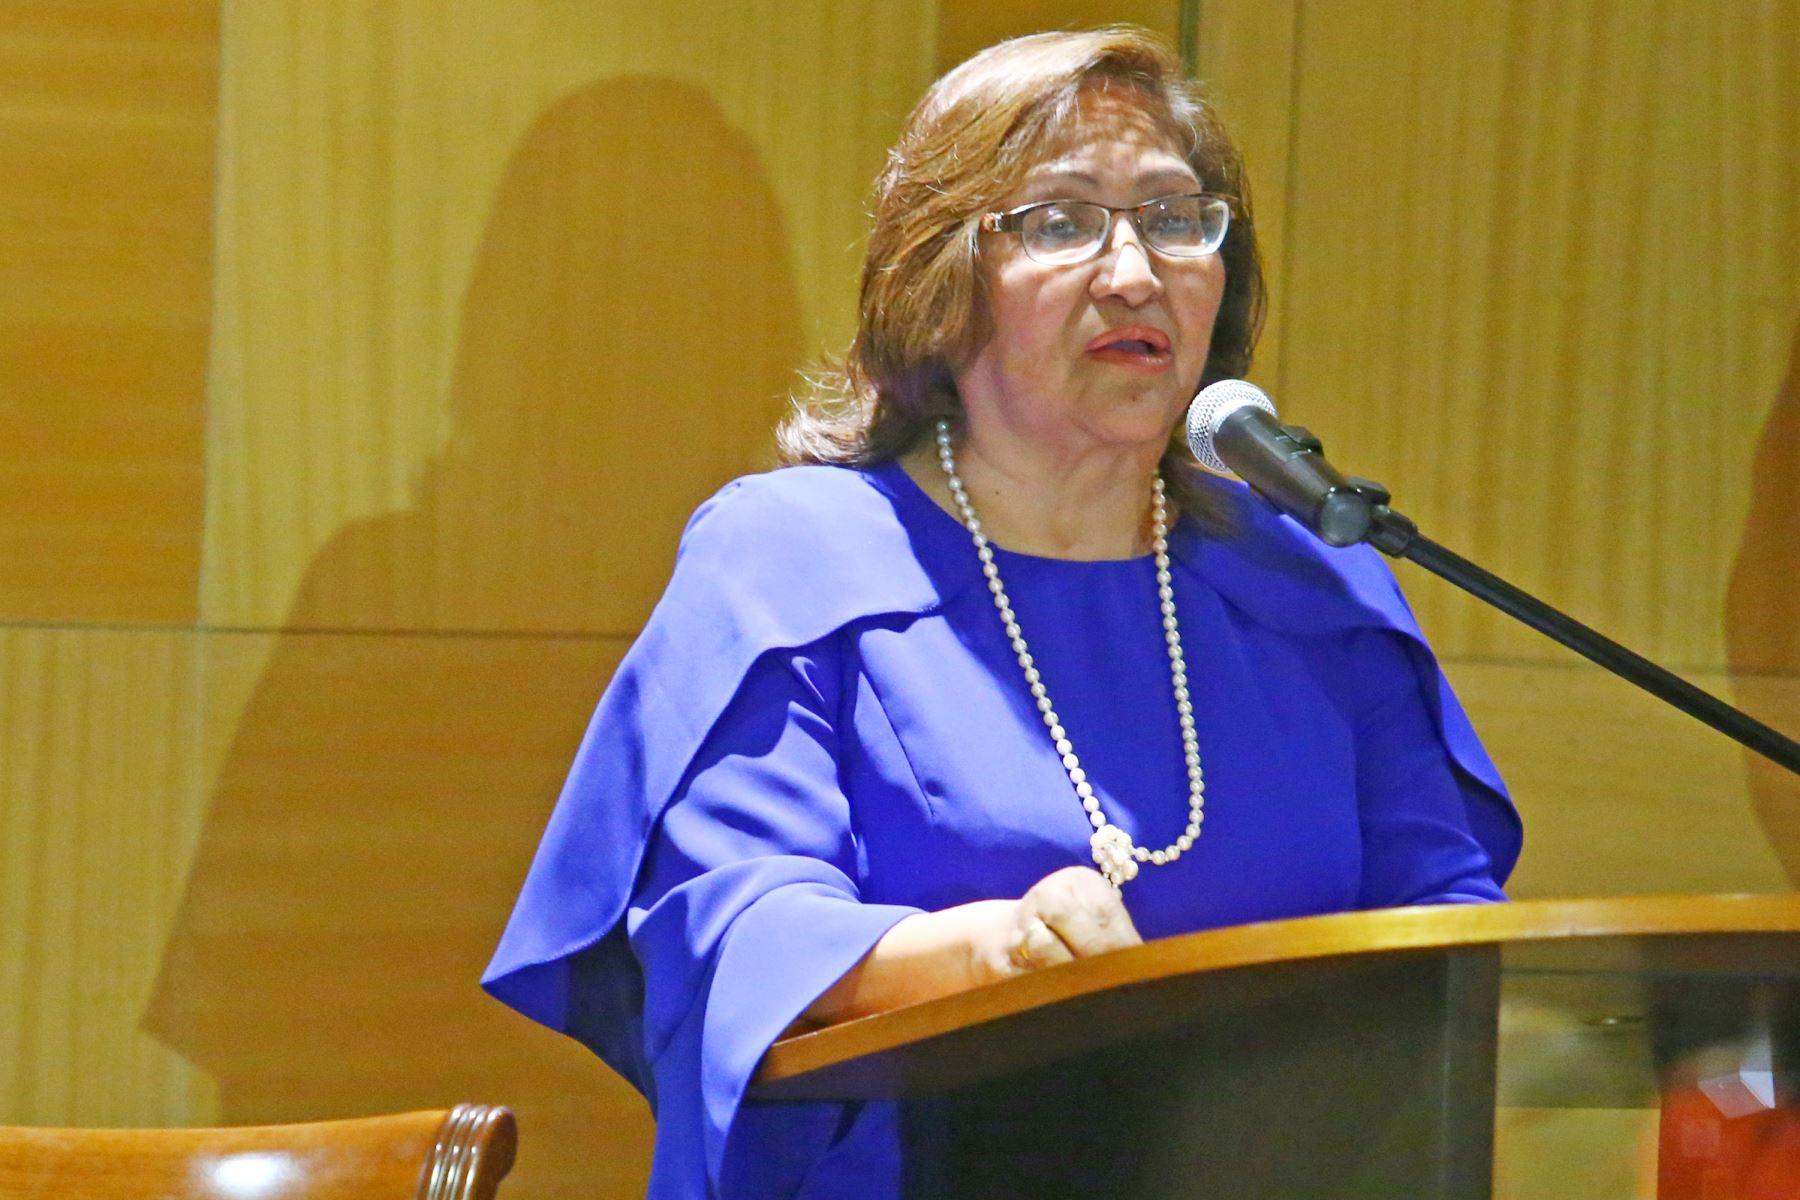 Ministra de la Mujer, Ana María Choquehuanca, apuesta por la autonomía económica y el empoderamiento social de la mujer peruana. ANDINA/Melina Mejía